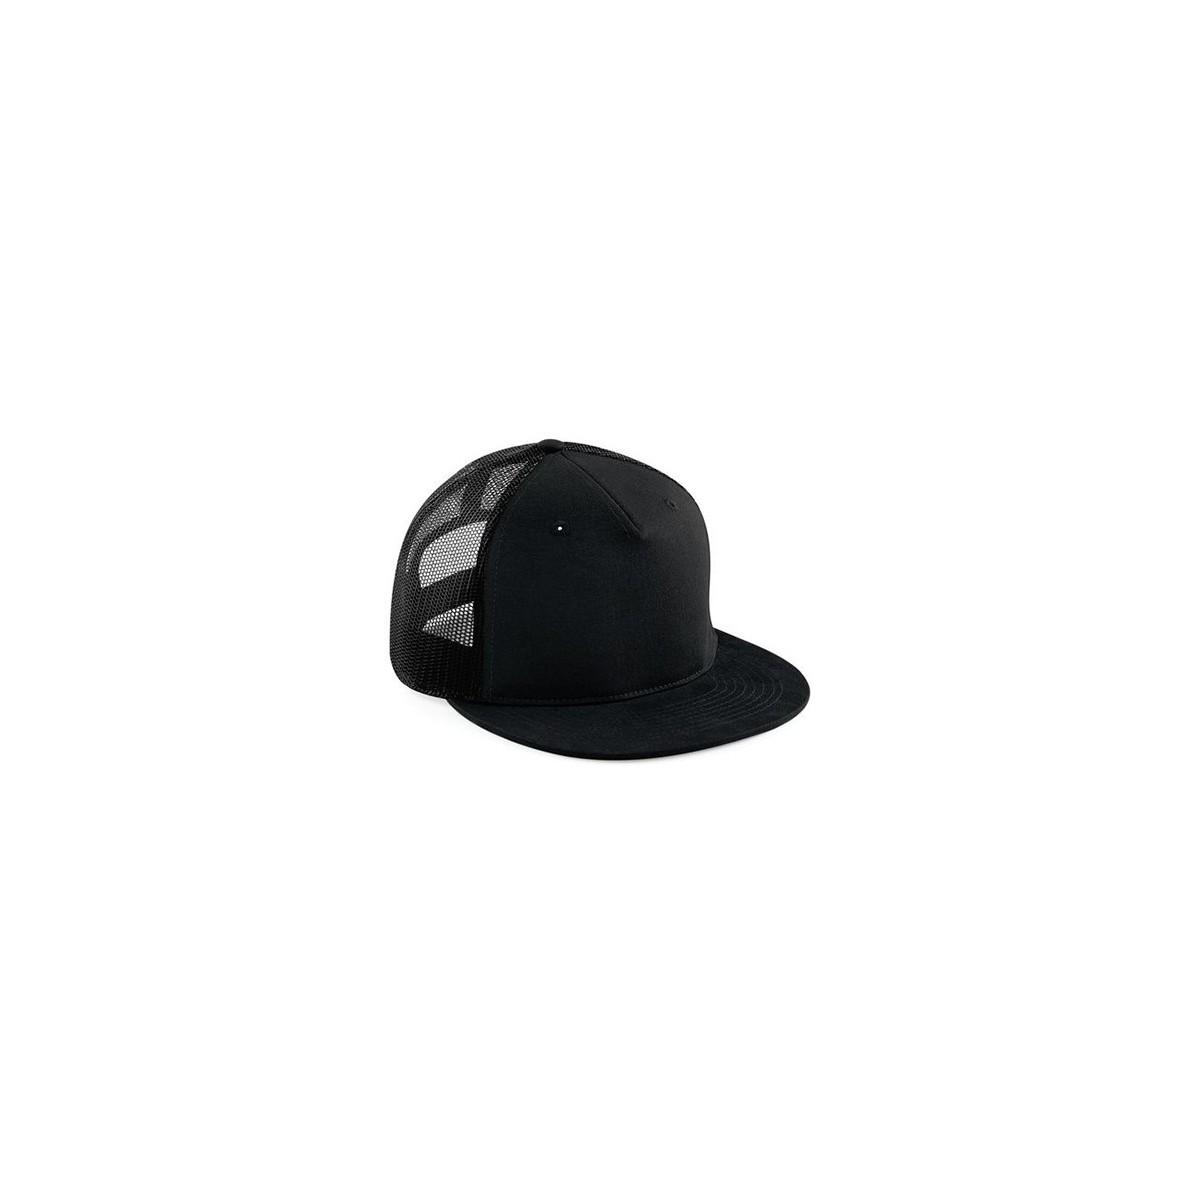 Unisex Cotone Visiera Cappello B845 Con Retina Estivo U Beechfield fSwqYZ0wP